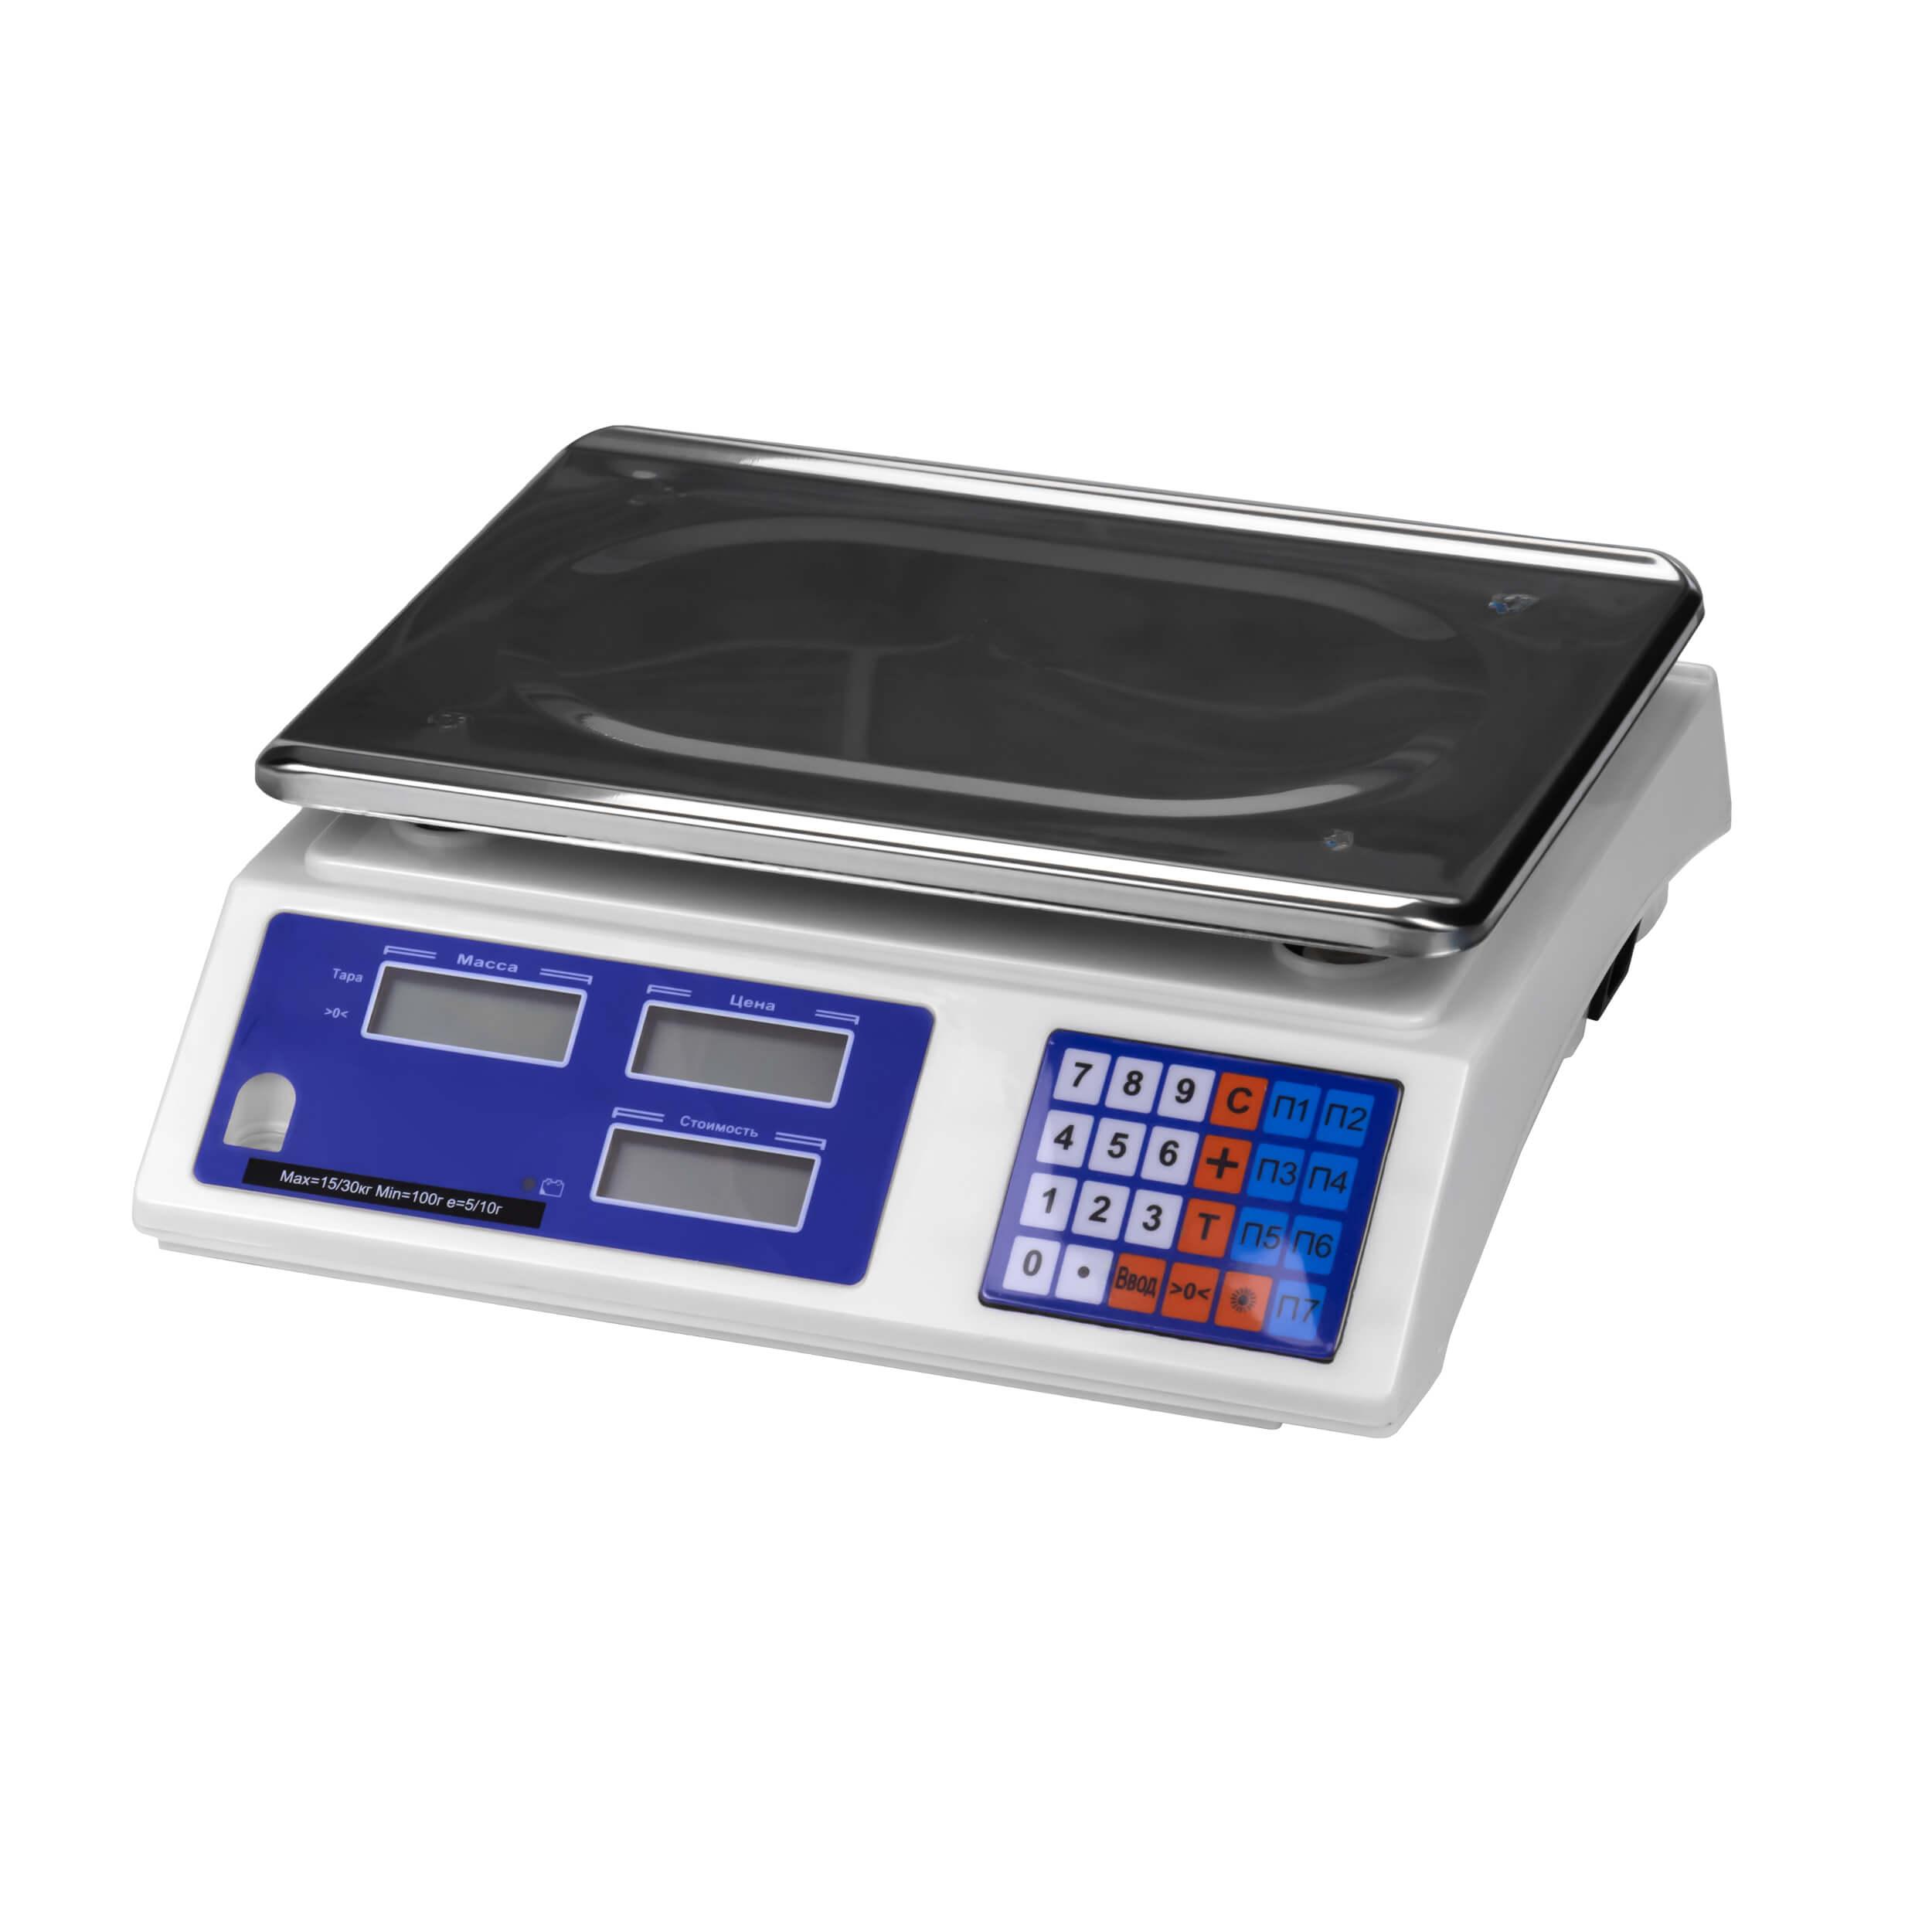 Весы настольные электронные МЖА-15-2 (до 15 кг) фото